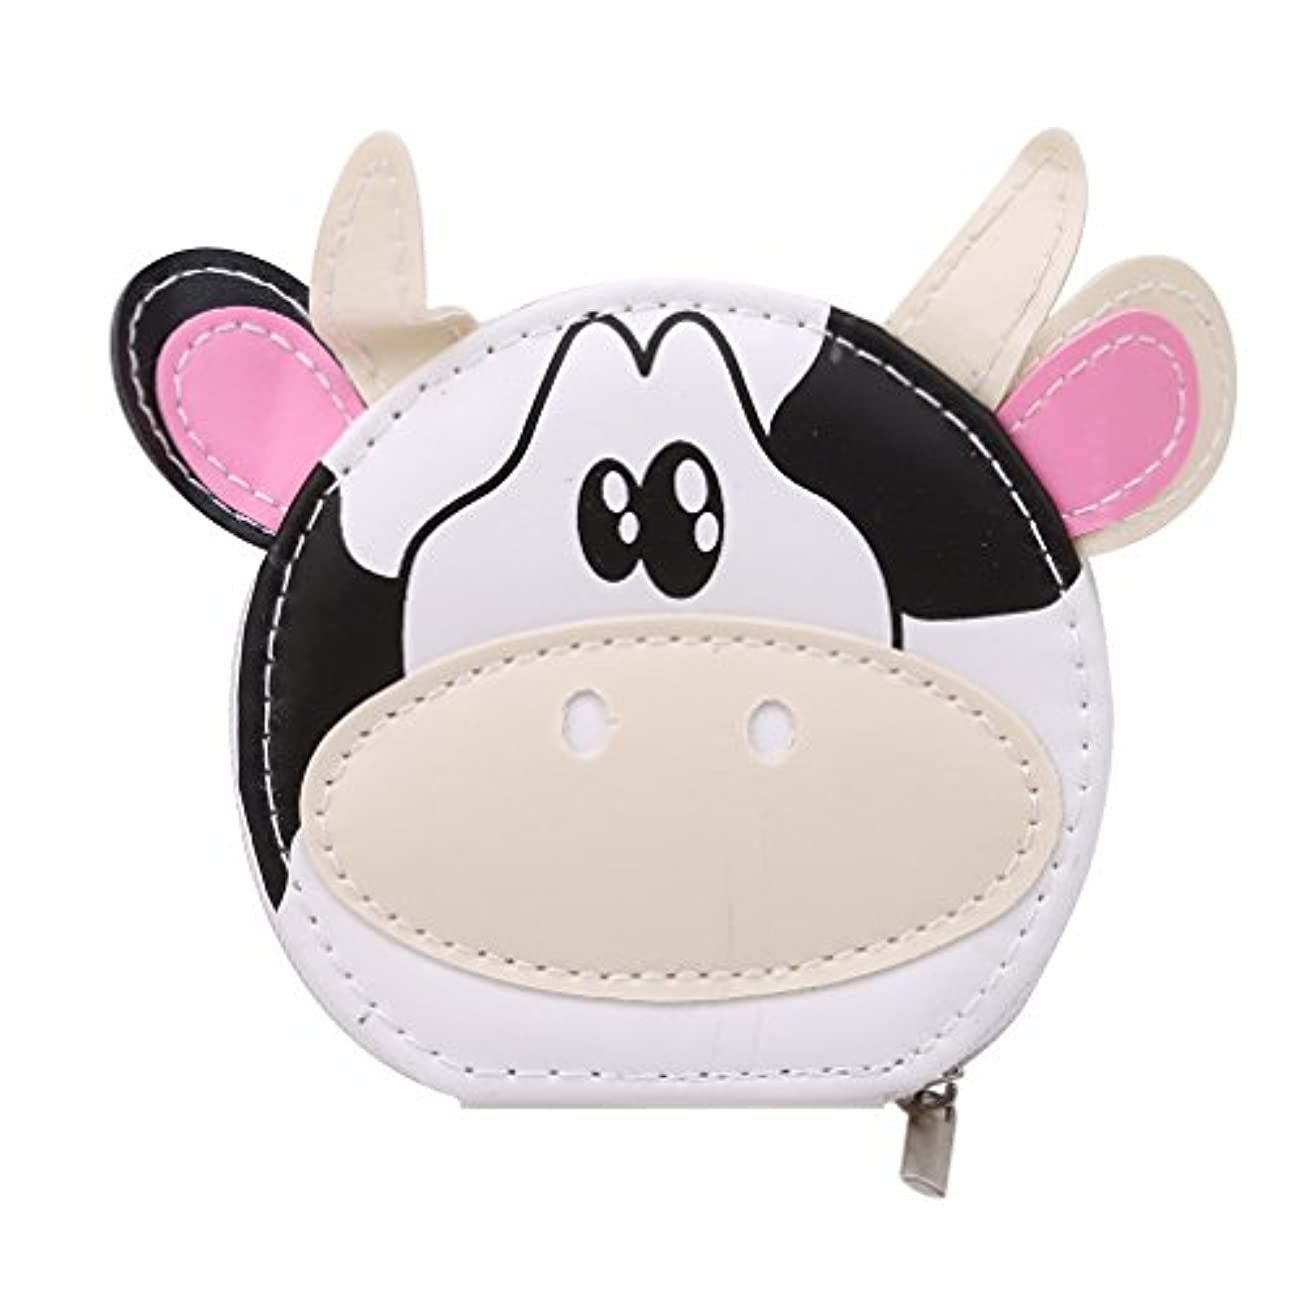 面倒通知するファンドYUEHAO ネイルケア セット 爪切りセット携帯便利のグルーミング キット ステンレス製 つめきり 8点セット かわいい ホワイト乳牛